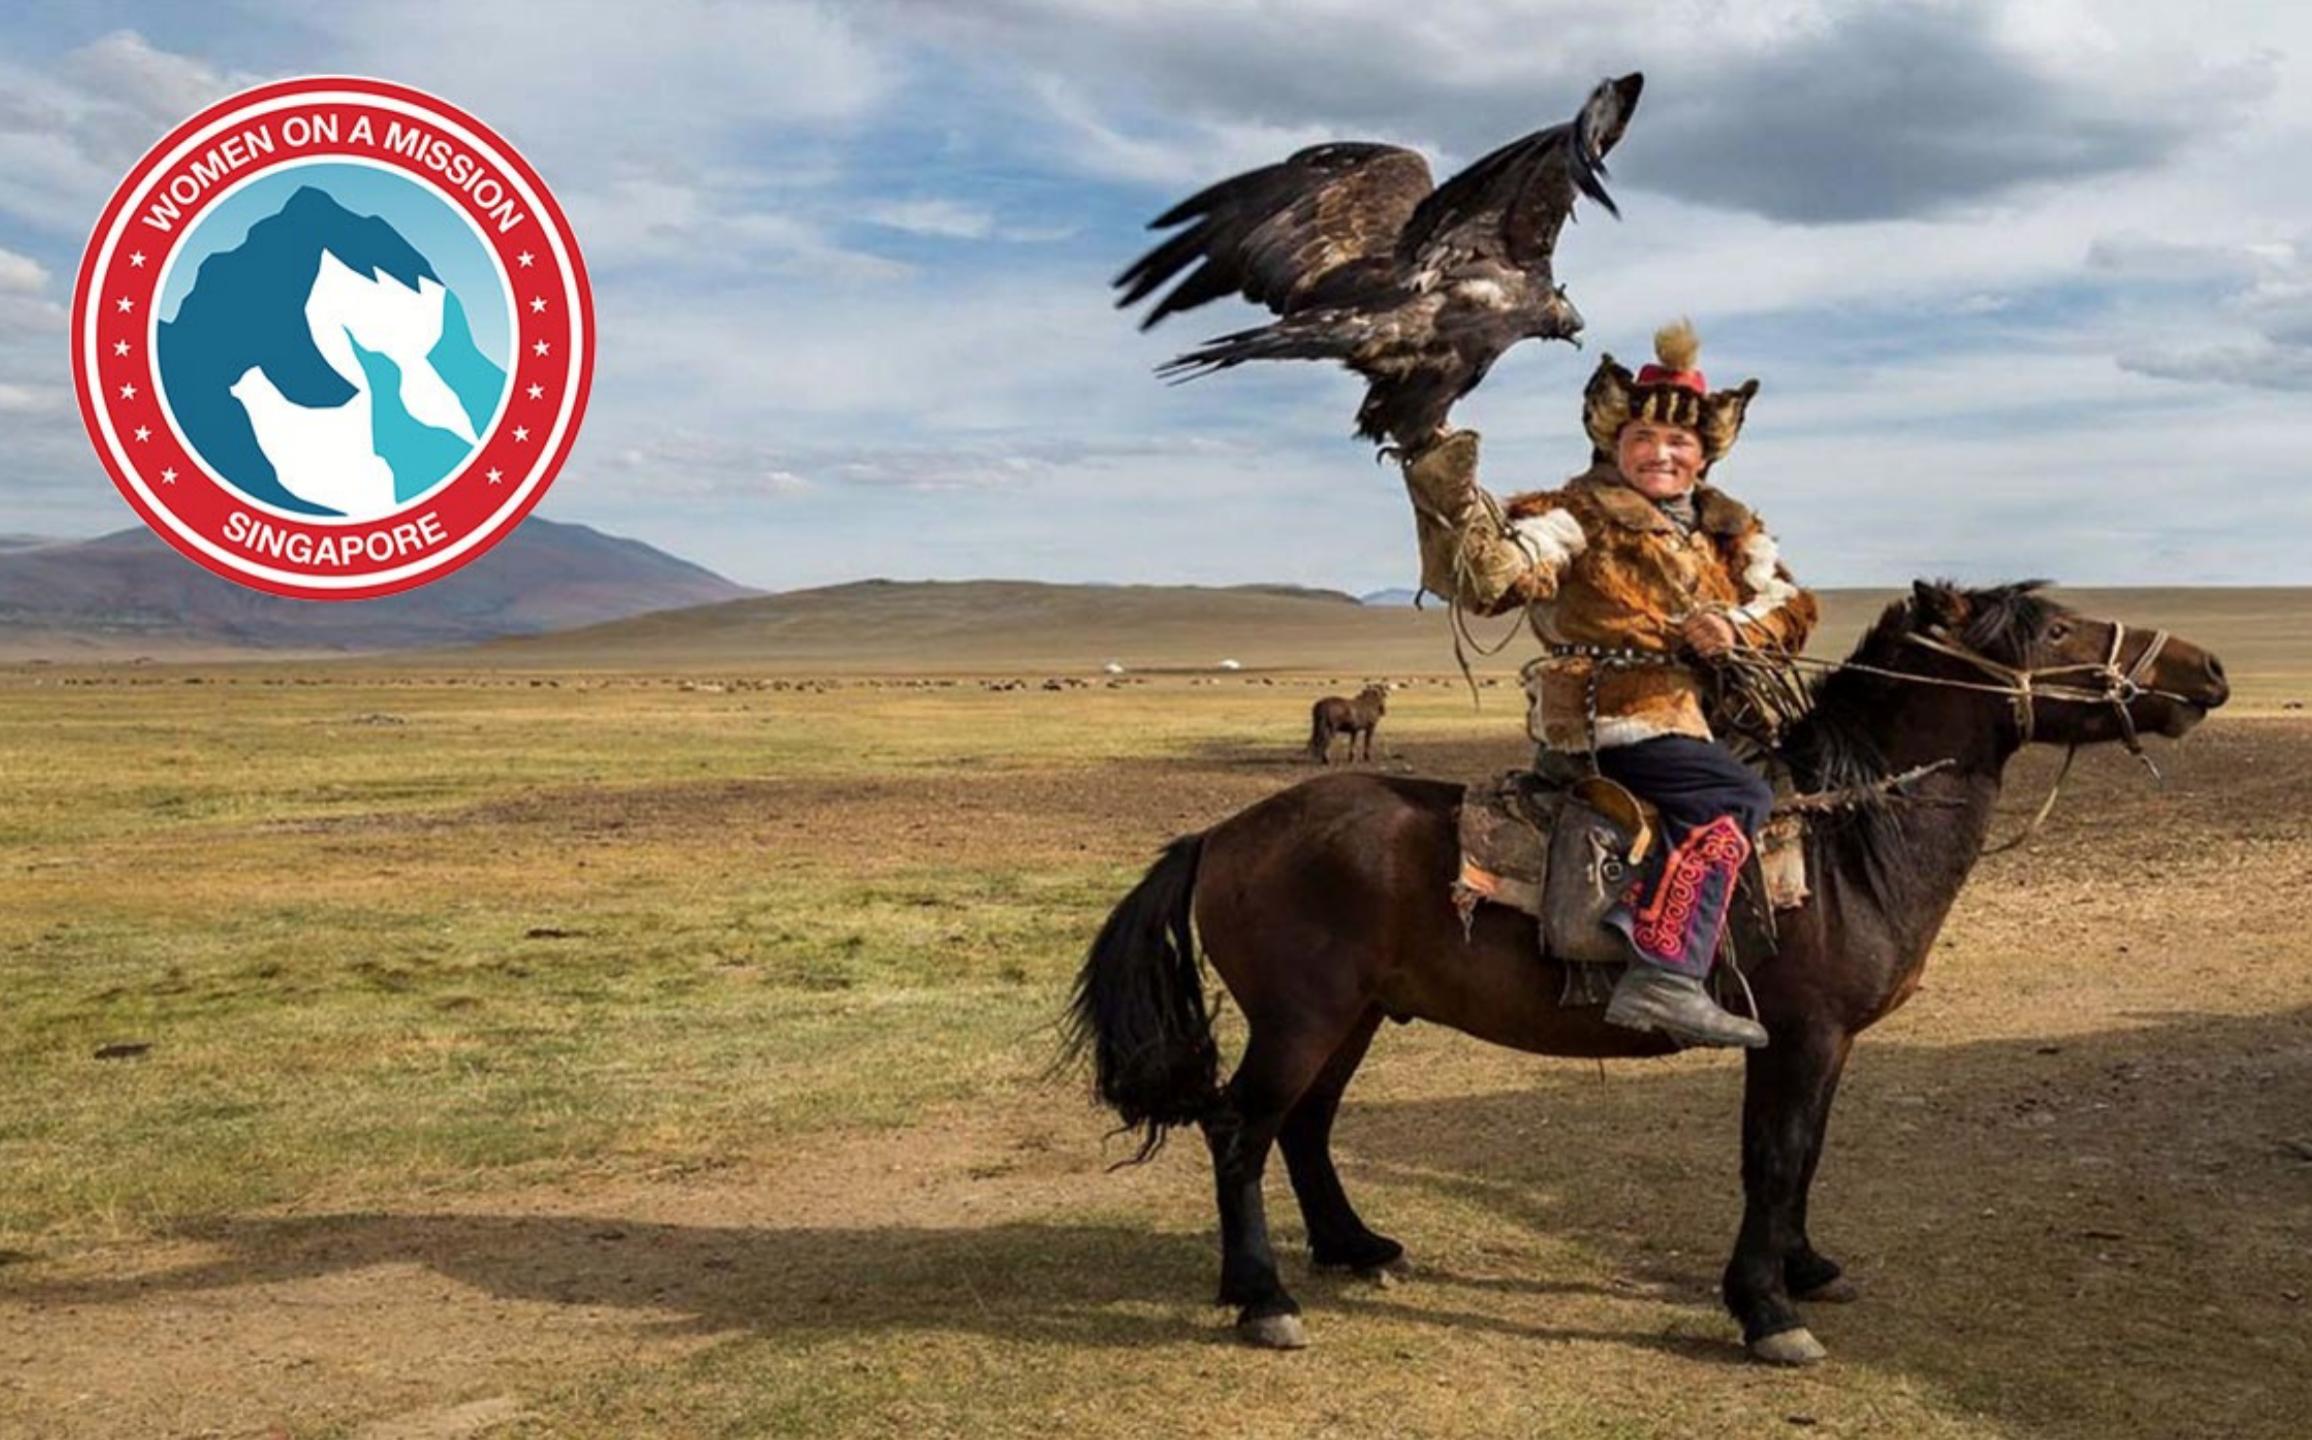 mongolian eagle hunter on horseback